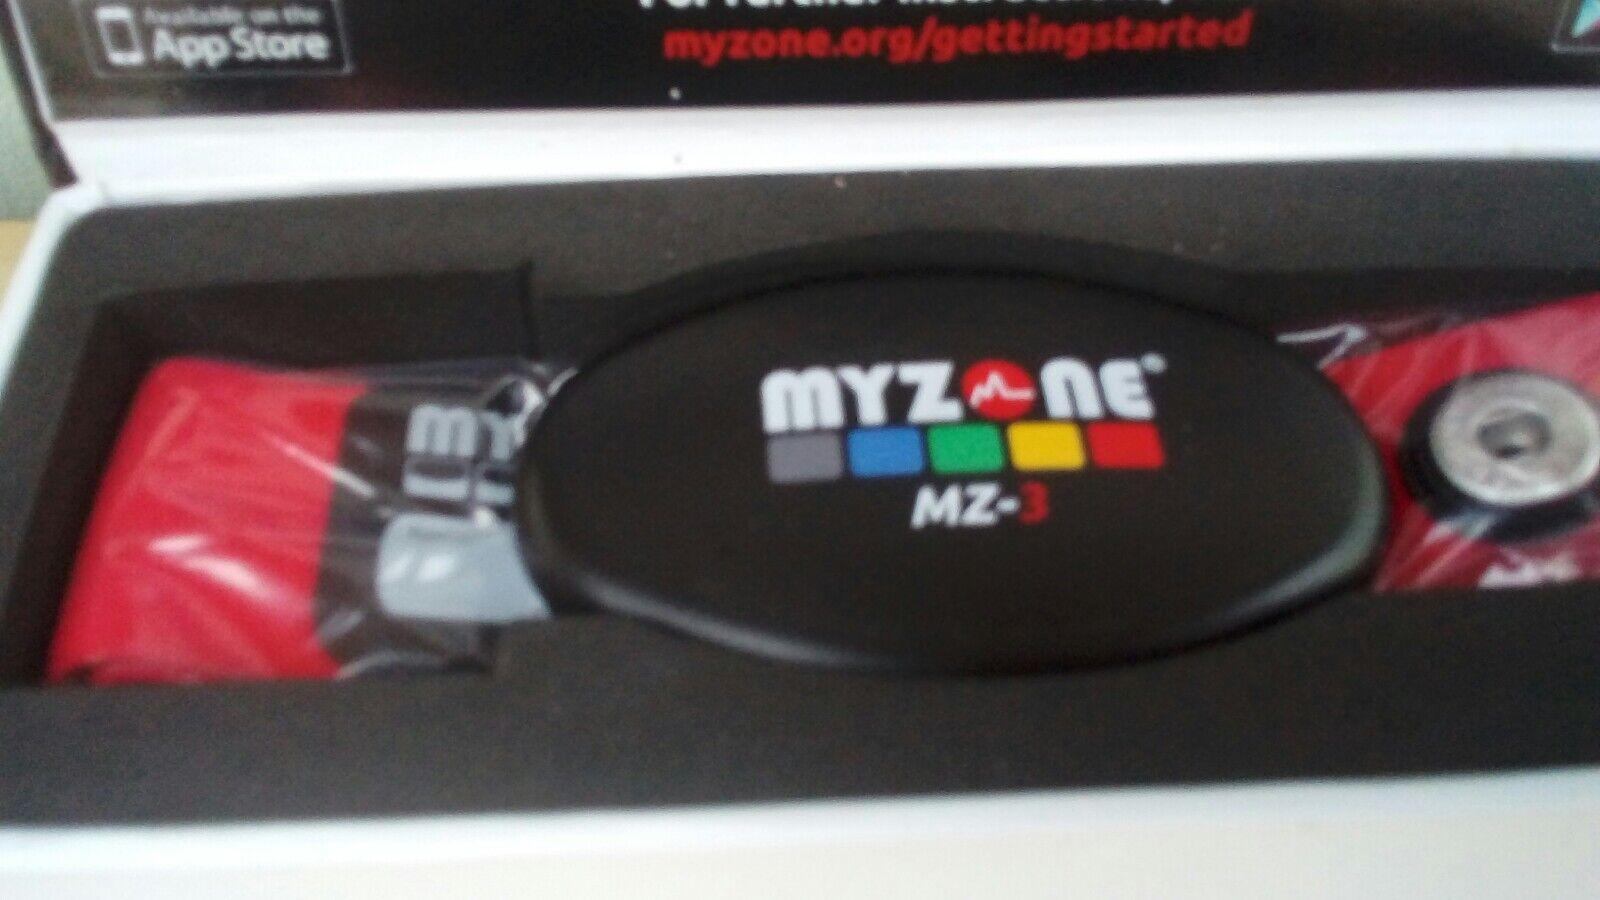 Myzone mz3 belt. New